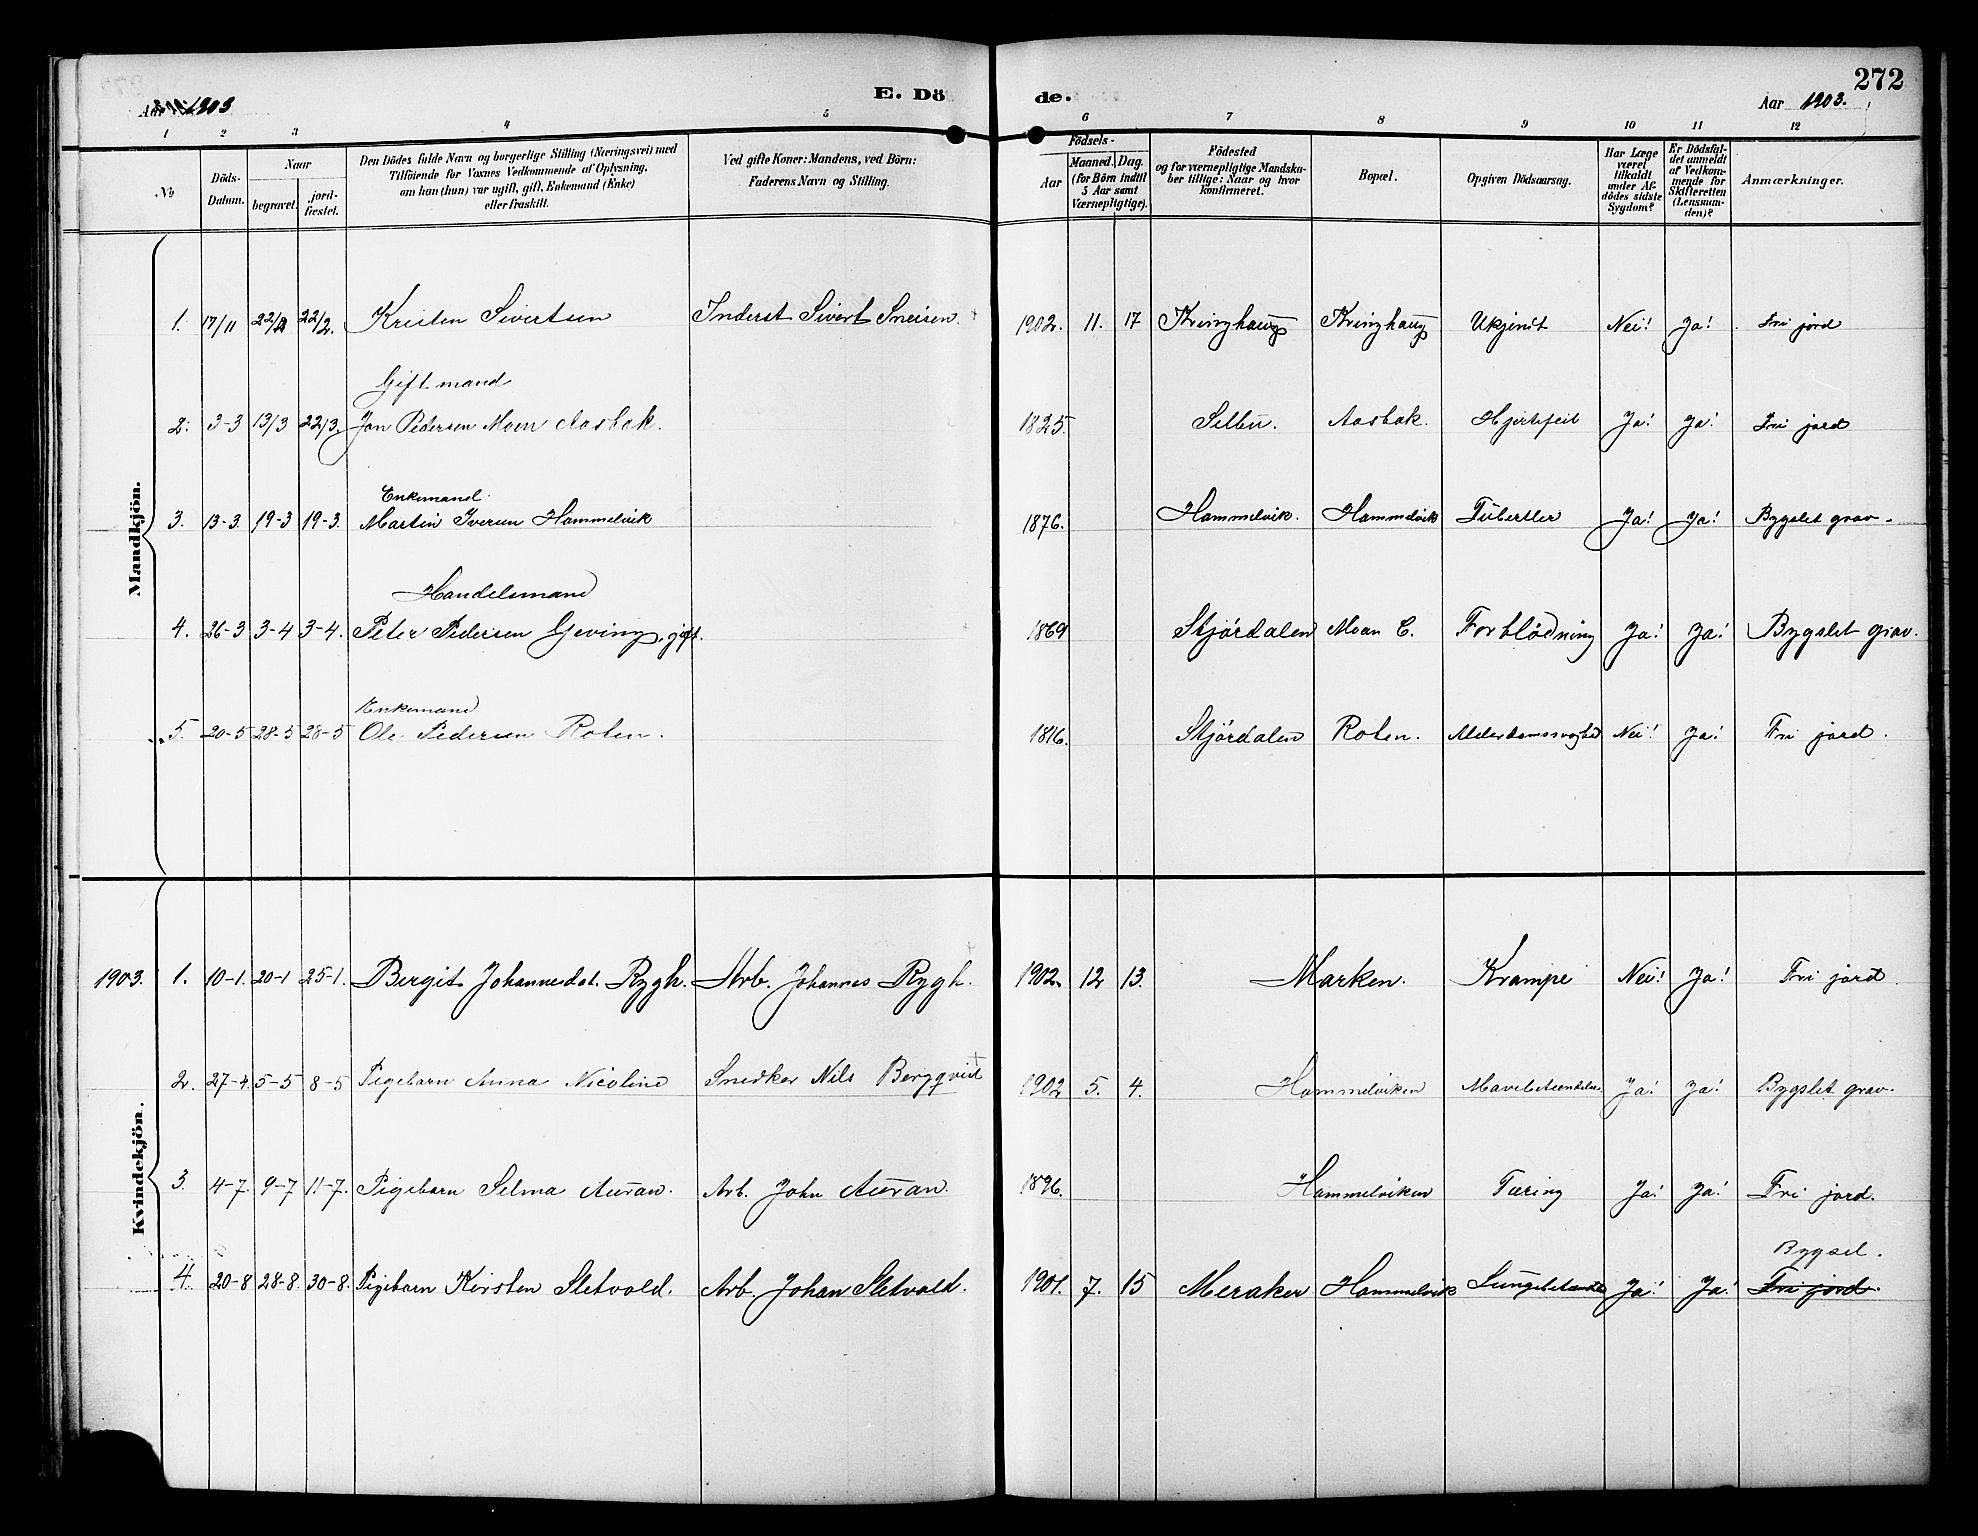 SAT, Ministerialprotokoller, klokkerbøker og fødselsregistre - Sør-Trøndelag, 617/L0431: Klokkerbok nr. 617C01, 1889-1910, s. 272